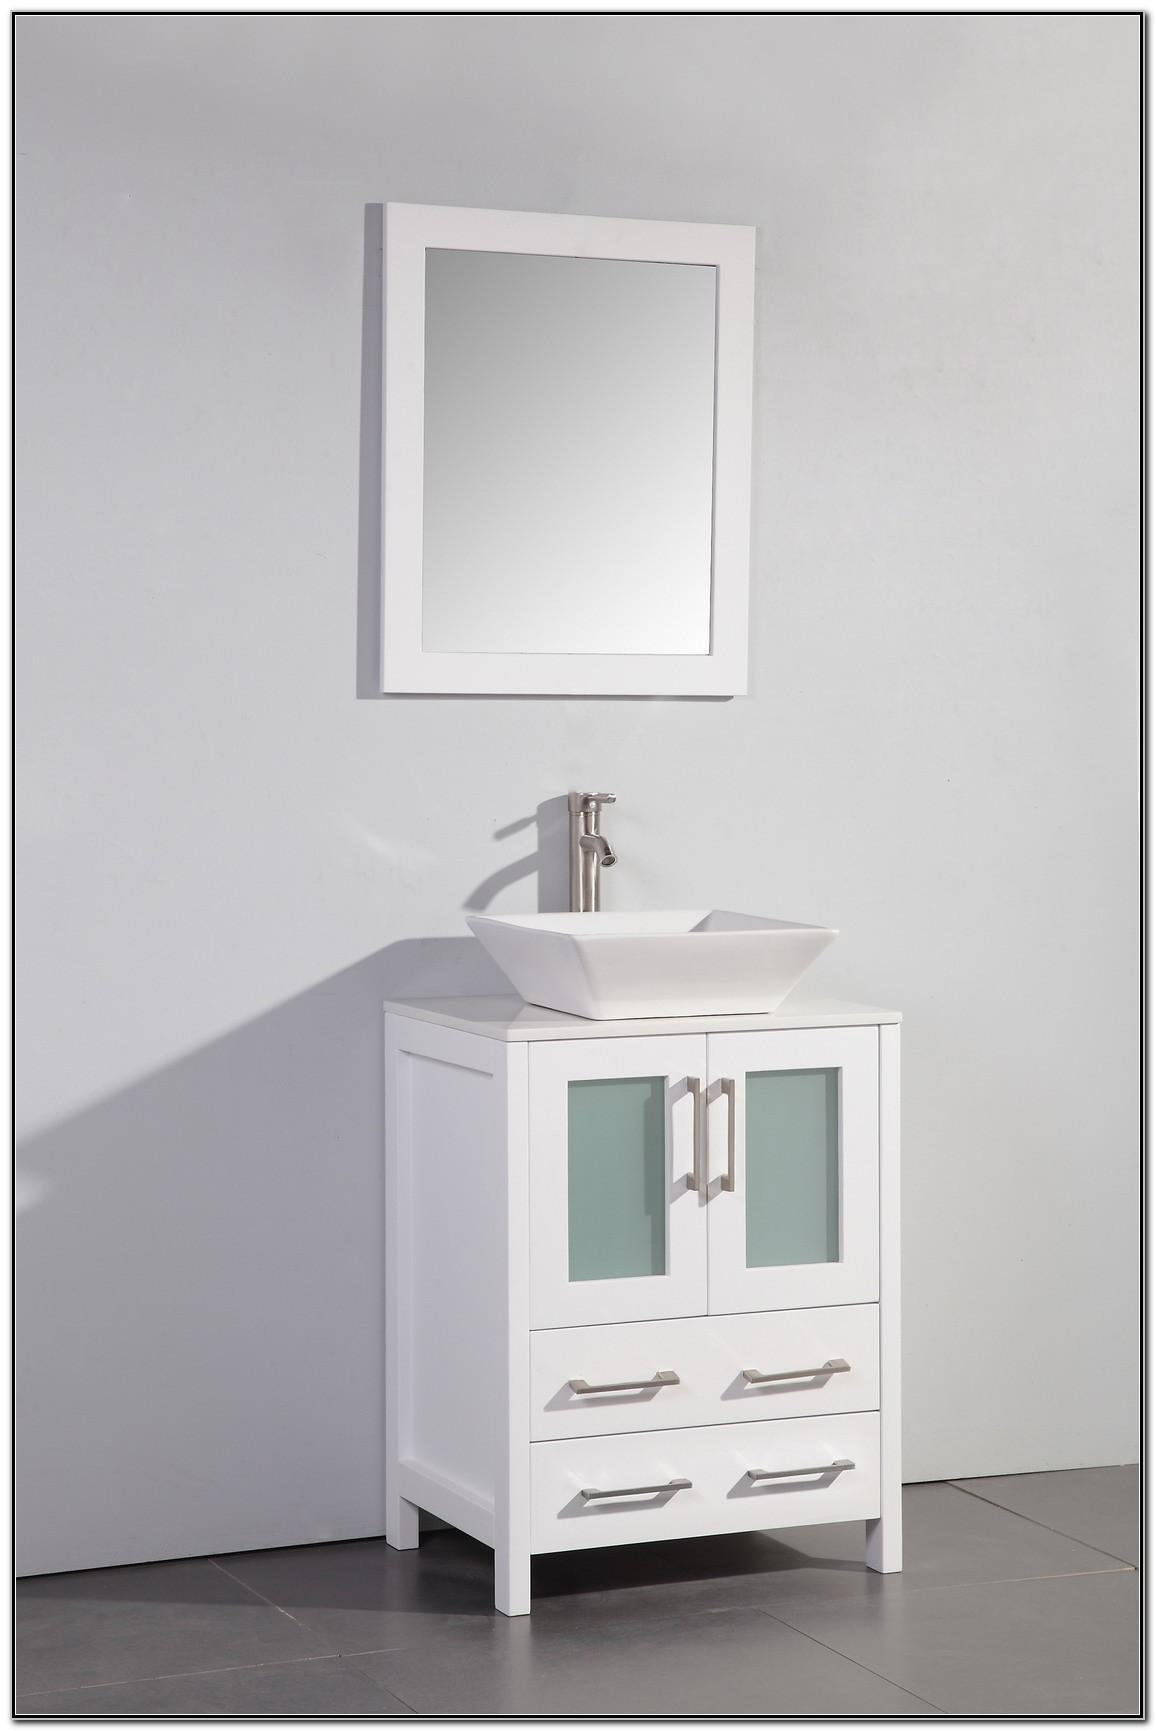 White Bathroom Vanity With Vessel Sink